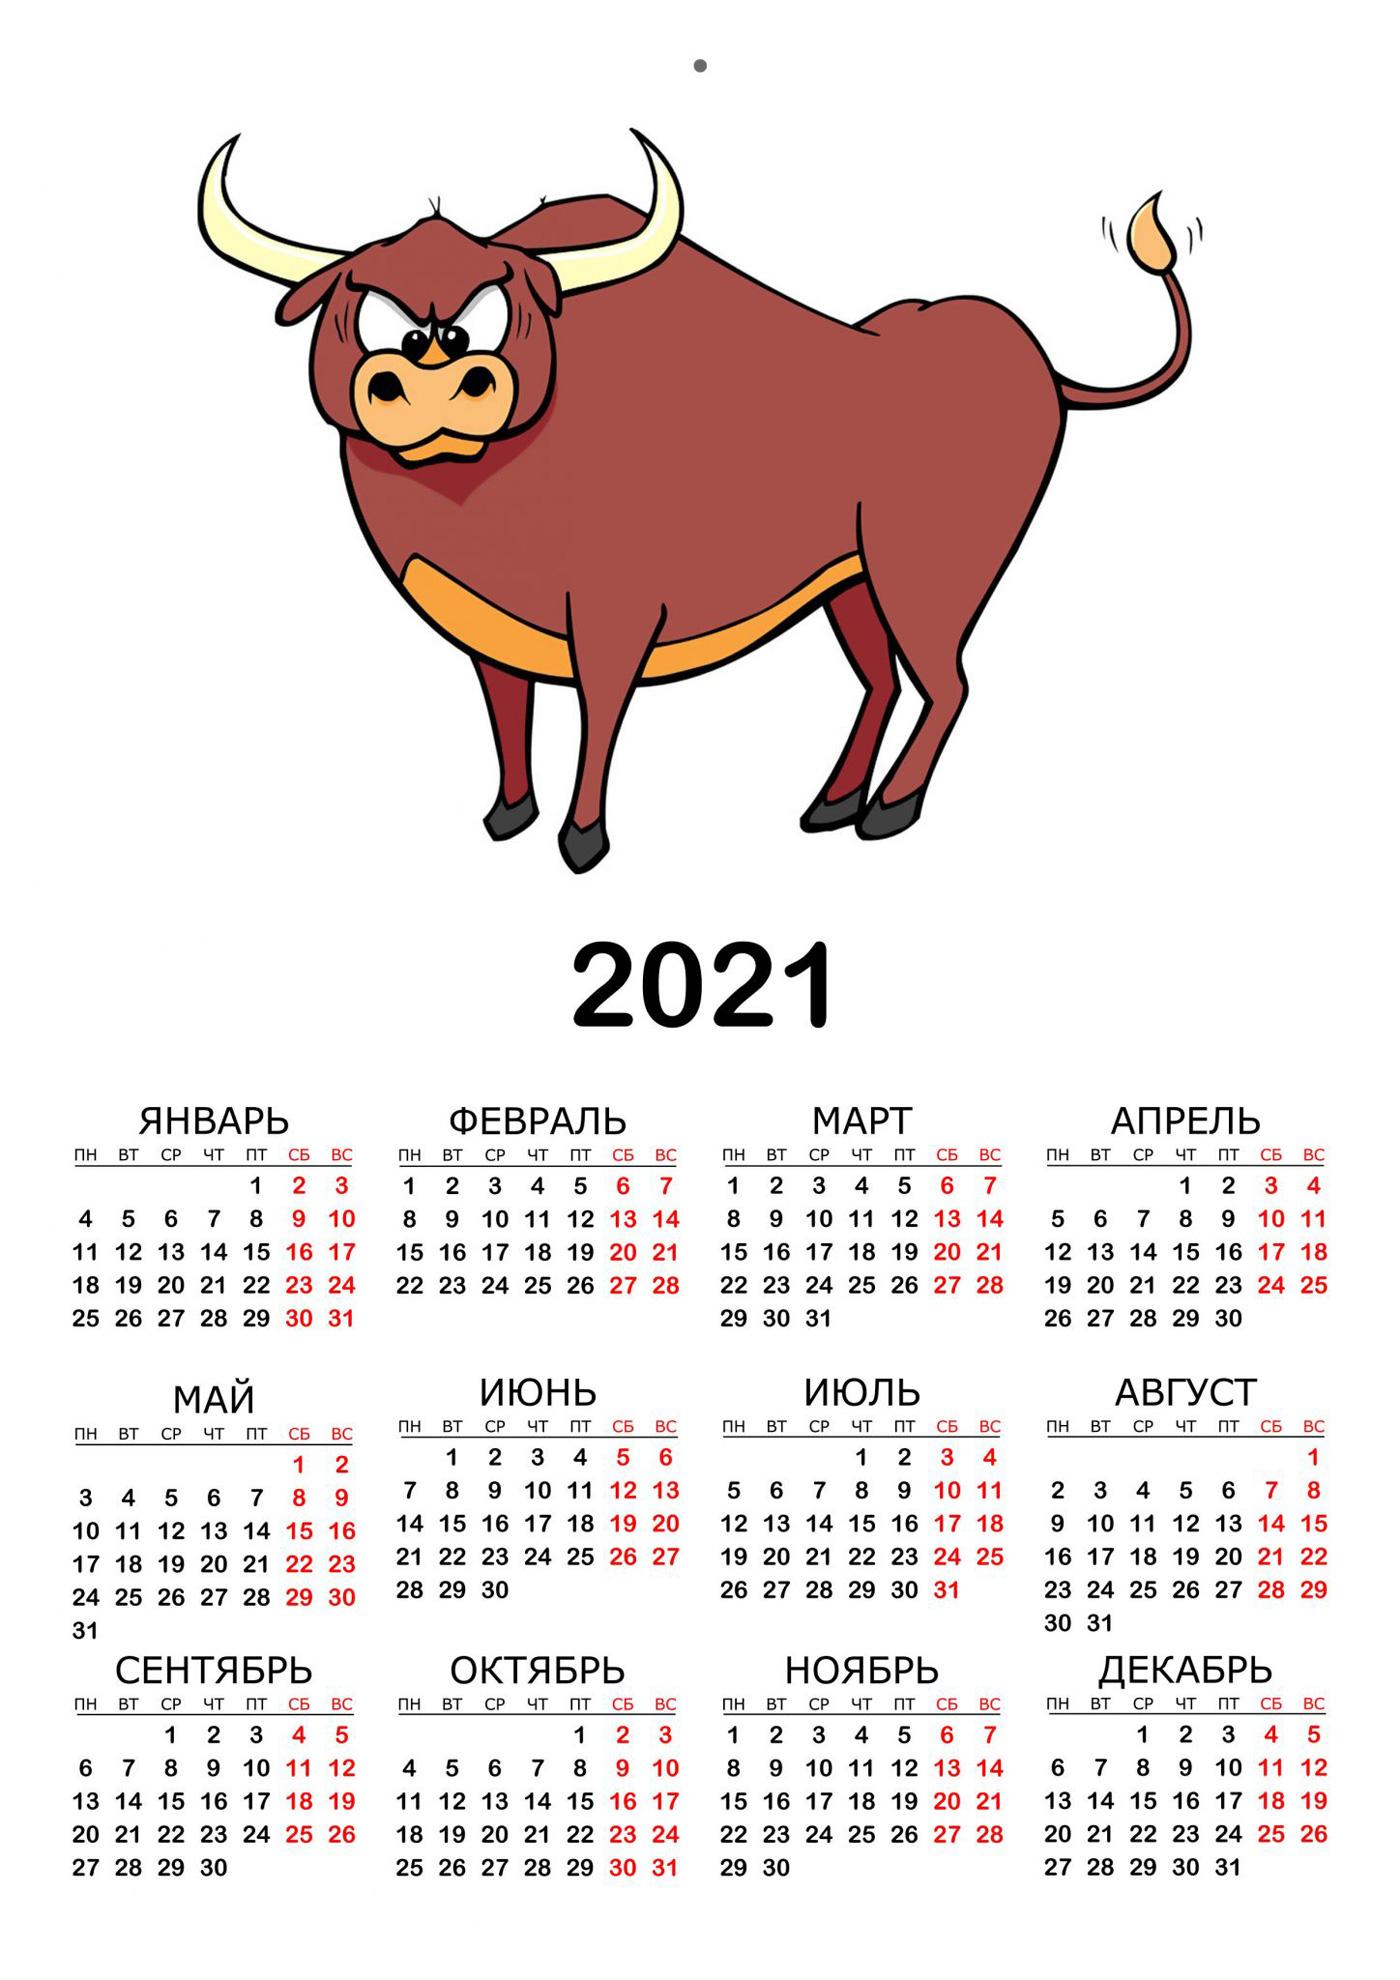 kalendar-na-novyj-god-byka-2021-s-izobrazheniem-simvola-goda-1